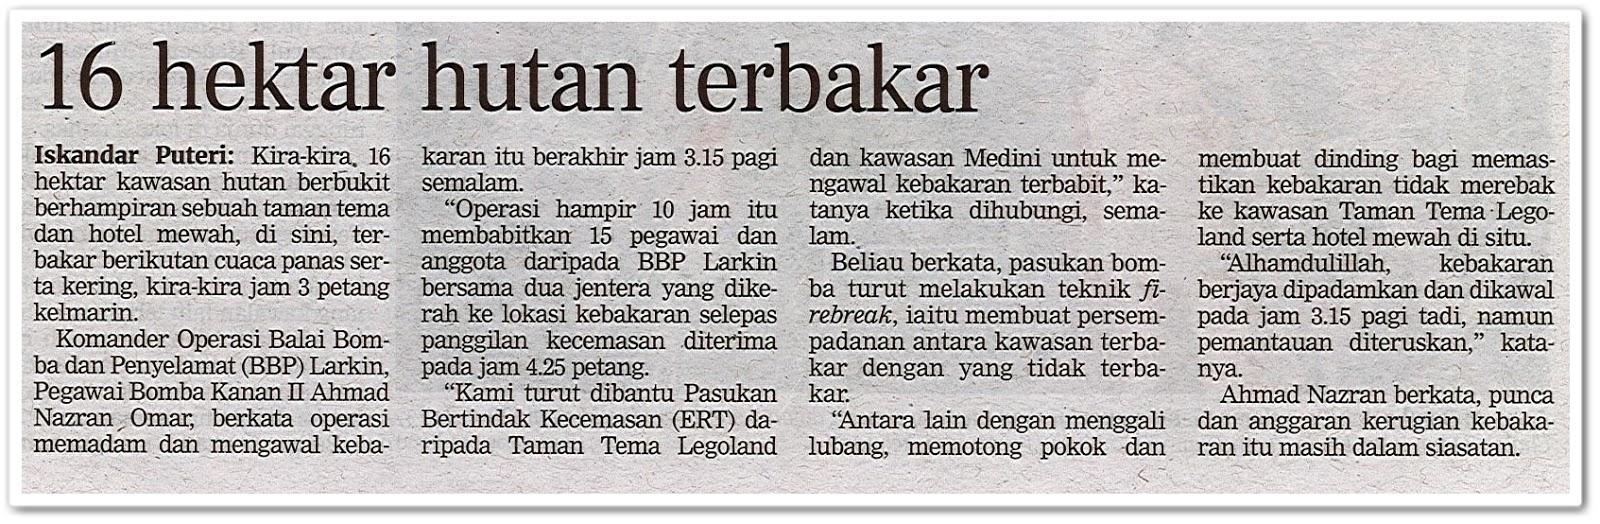 16 hektar hutan terbakar - Keratan akhbar Berita Harian 25 Ogos 2019